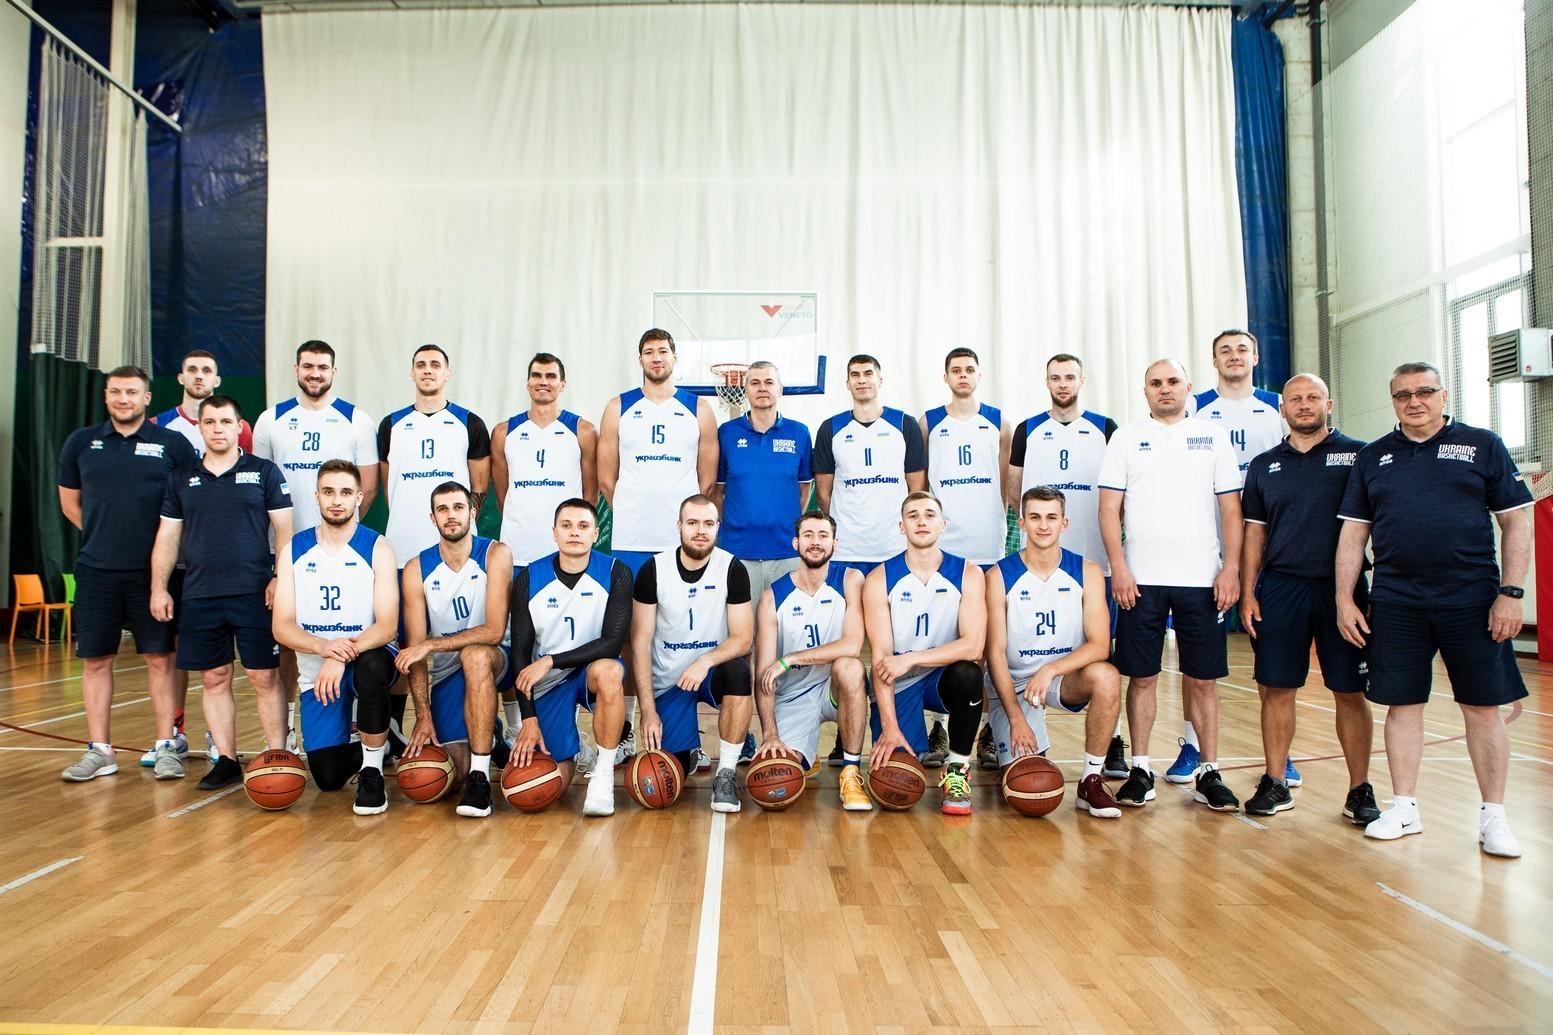 Національна чоловіча збірна України у товариському матчі перемогла Білорусь